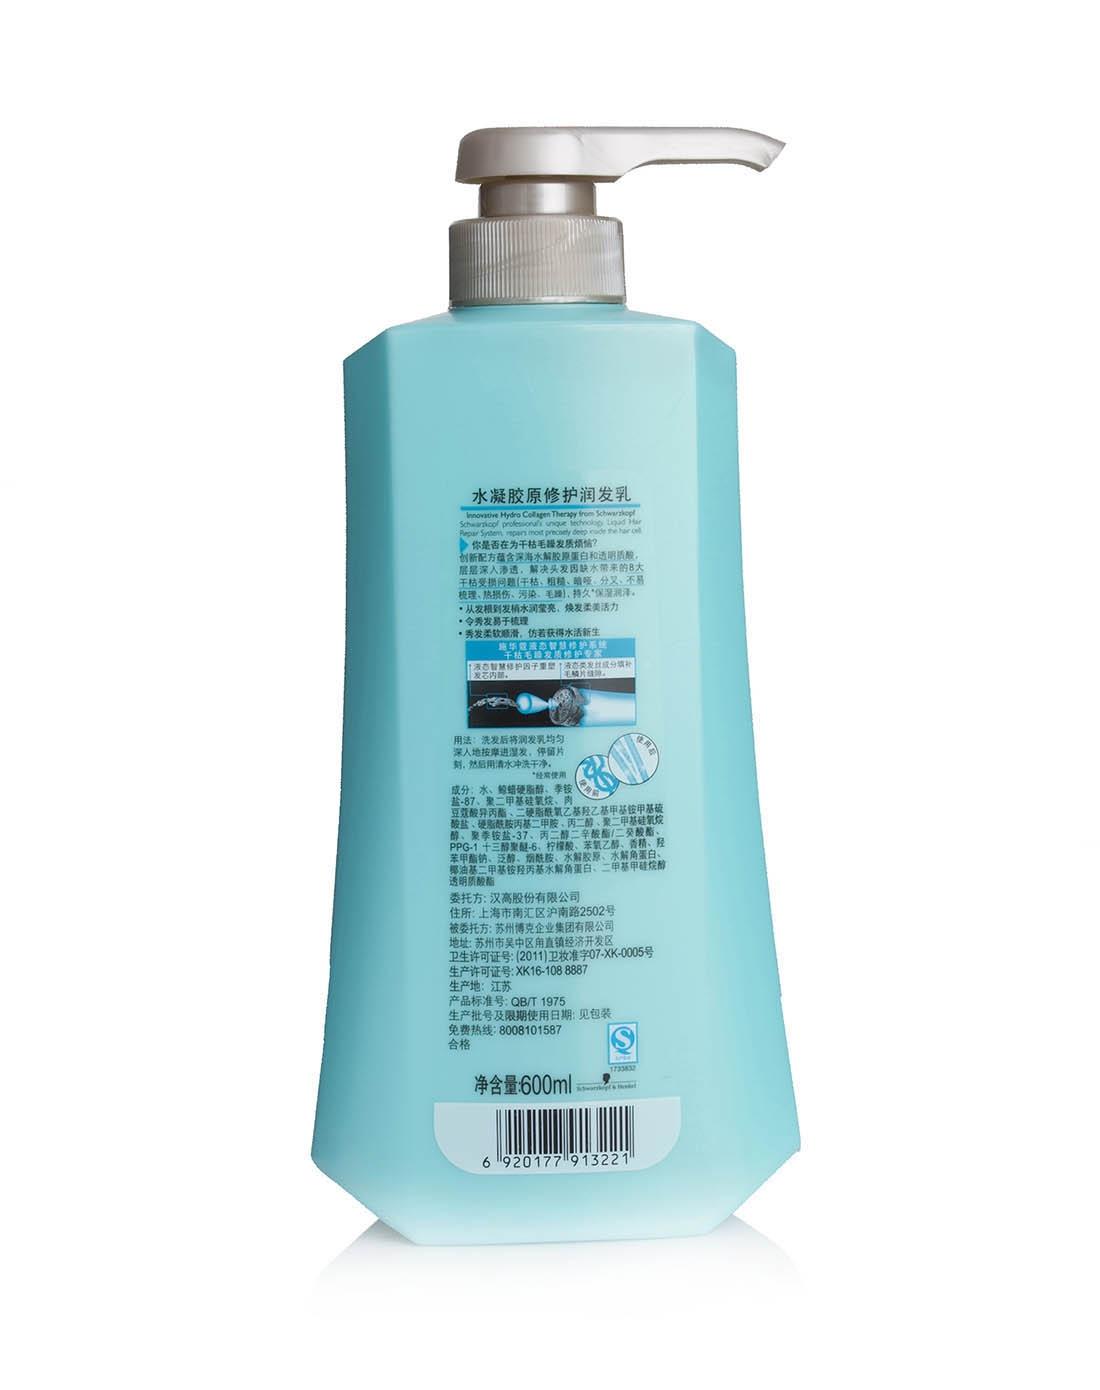 回去就试用了沙宣的修护水养洗发露、润发乳和